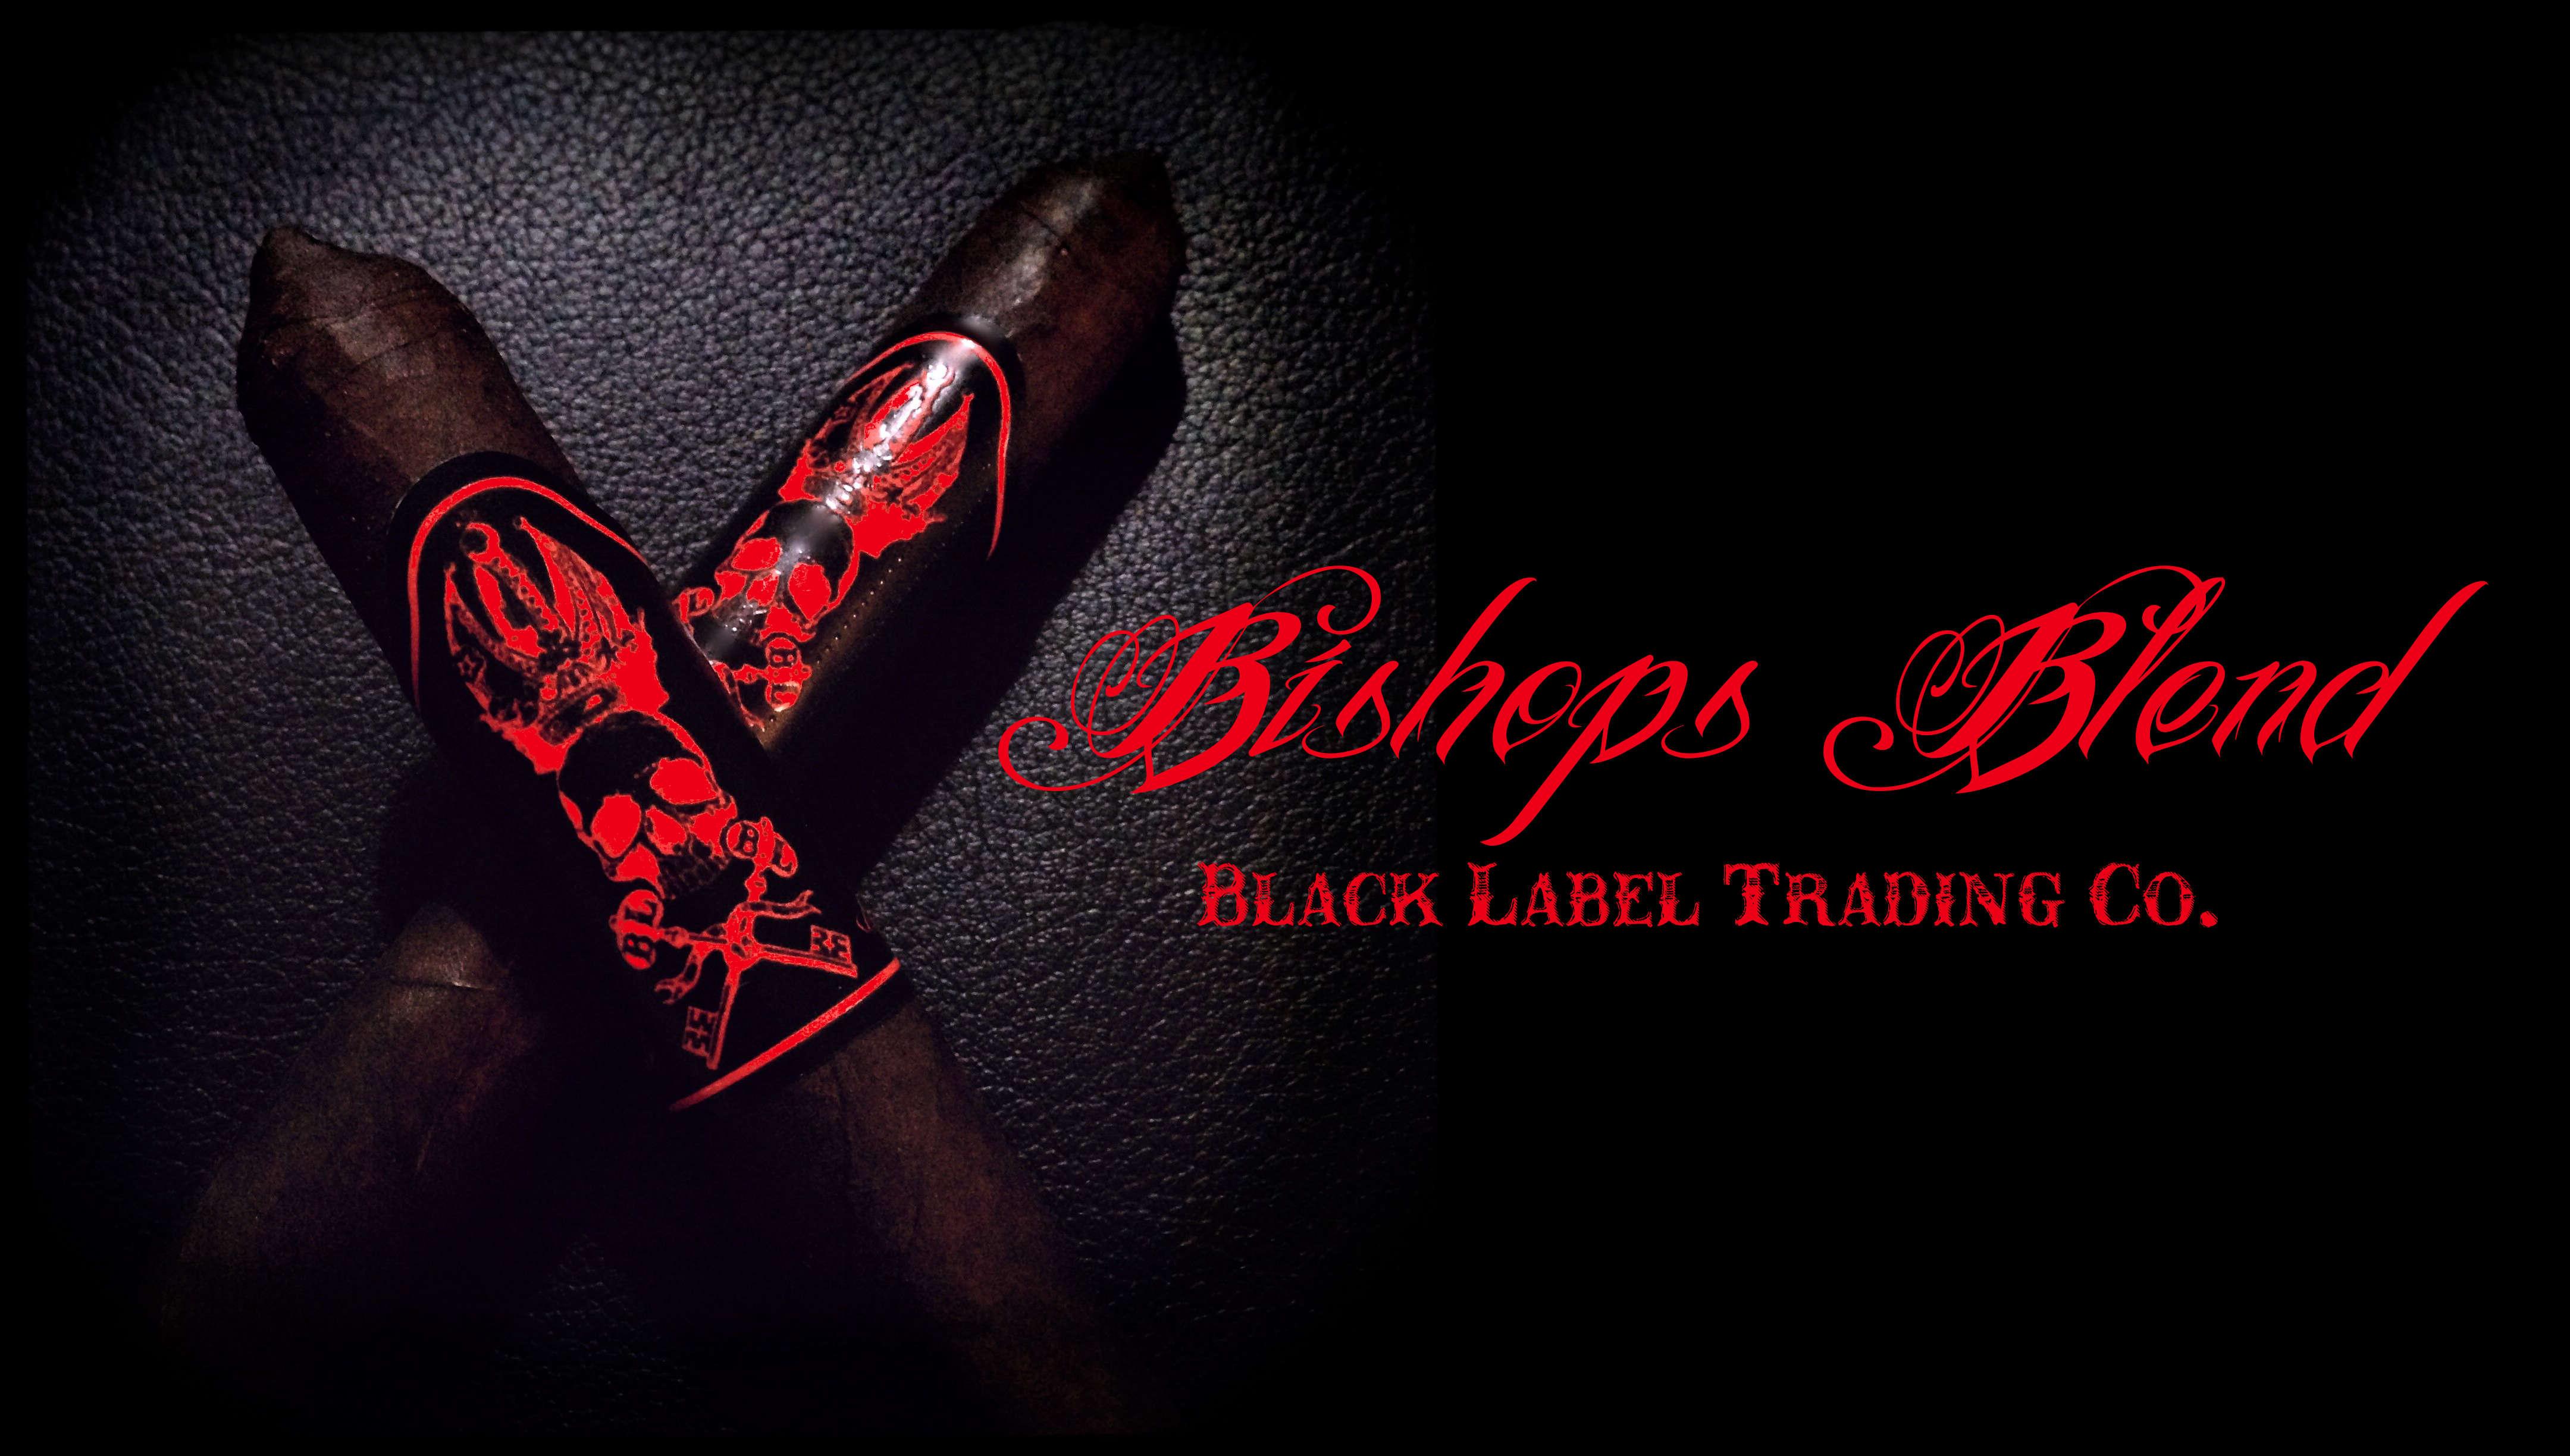 Black_Label_Trading_Company_Bishops_Blend